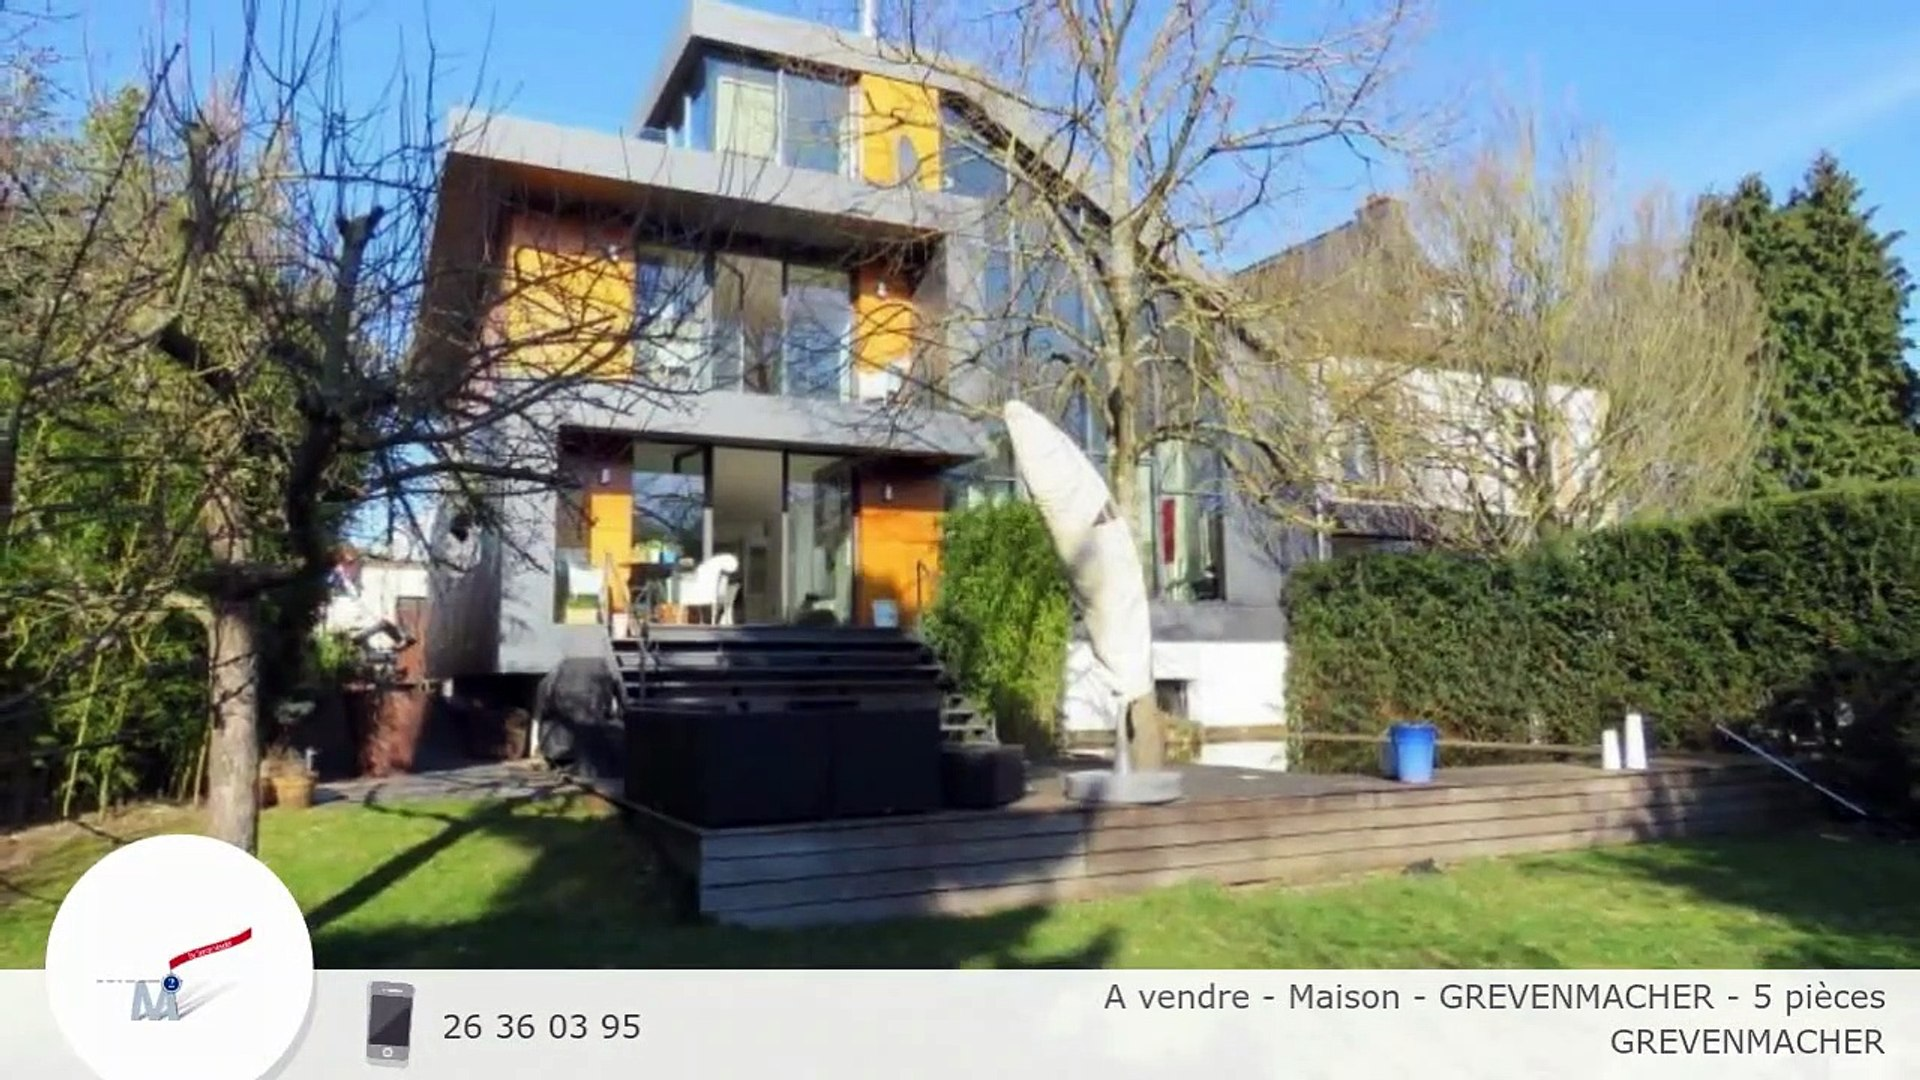 A vendre - Maison - GREVENMACHER - 5 pièces